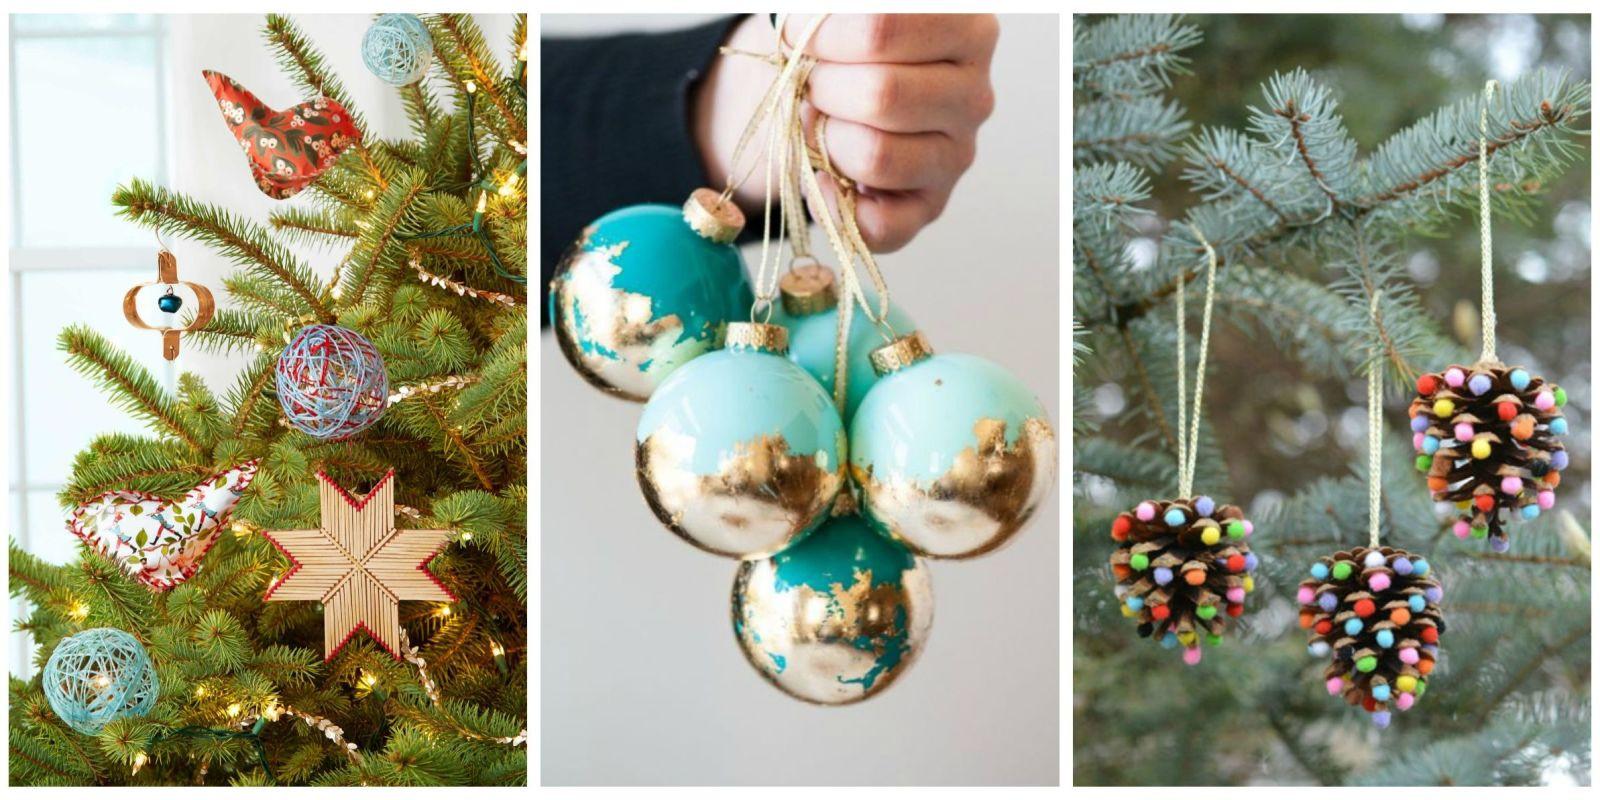 Christmas Homemade Craft  32 Homemade DIY Christmas Ornament Craft Ideas How To